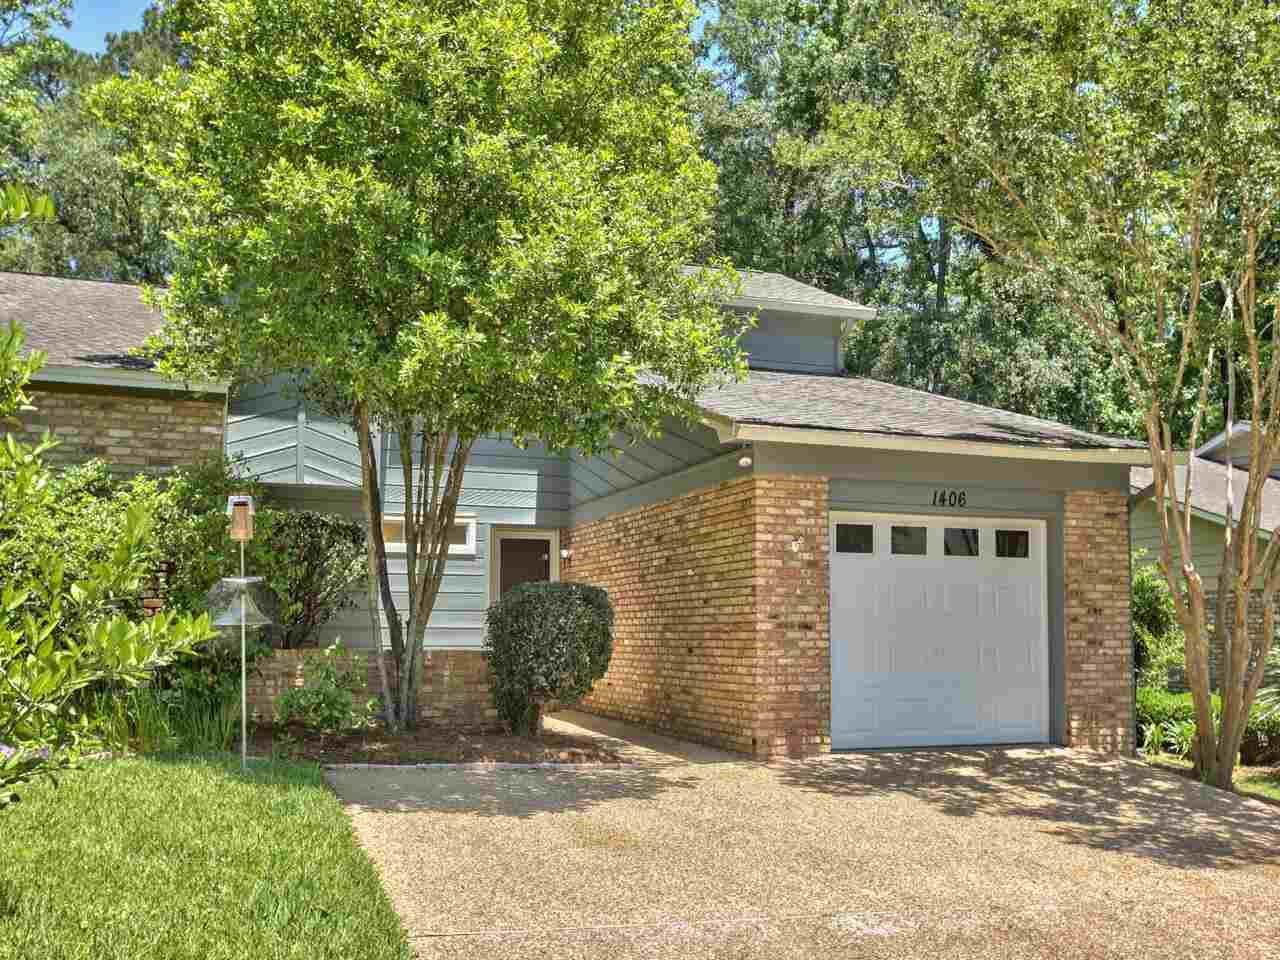 Photo of 1406 Sturbridge Place #9, TALLAHASSEE, FL 32308 (MLS # 332303)